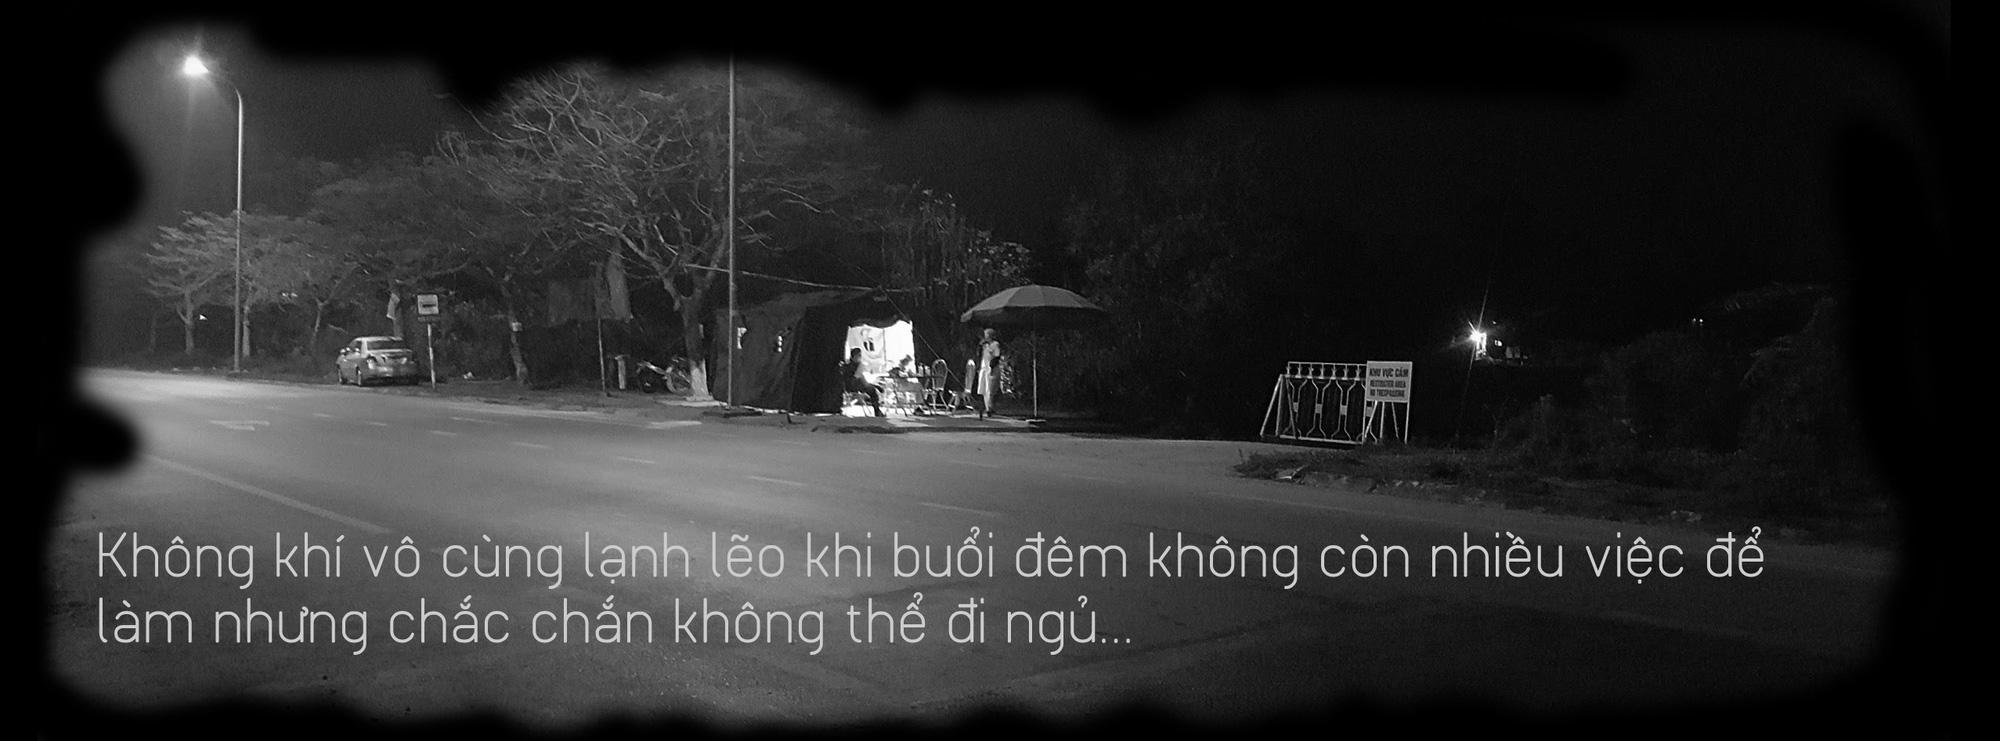 Khoảng lặng COVID-19: Một đêm trắng ở chốt kiểm dịch Sơn Lôi - Ảnh 4.